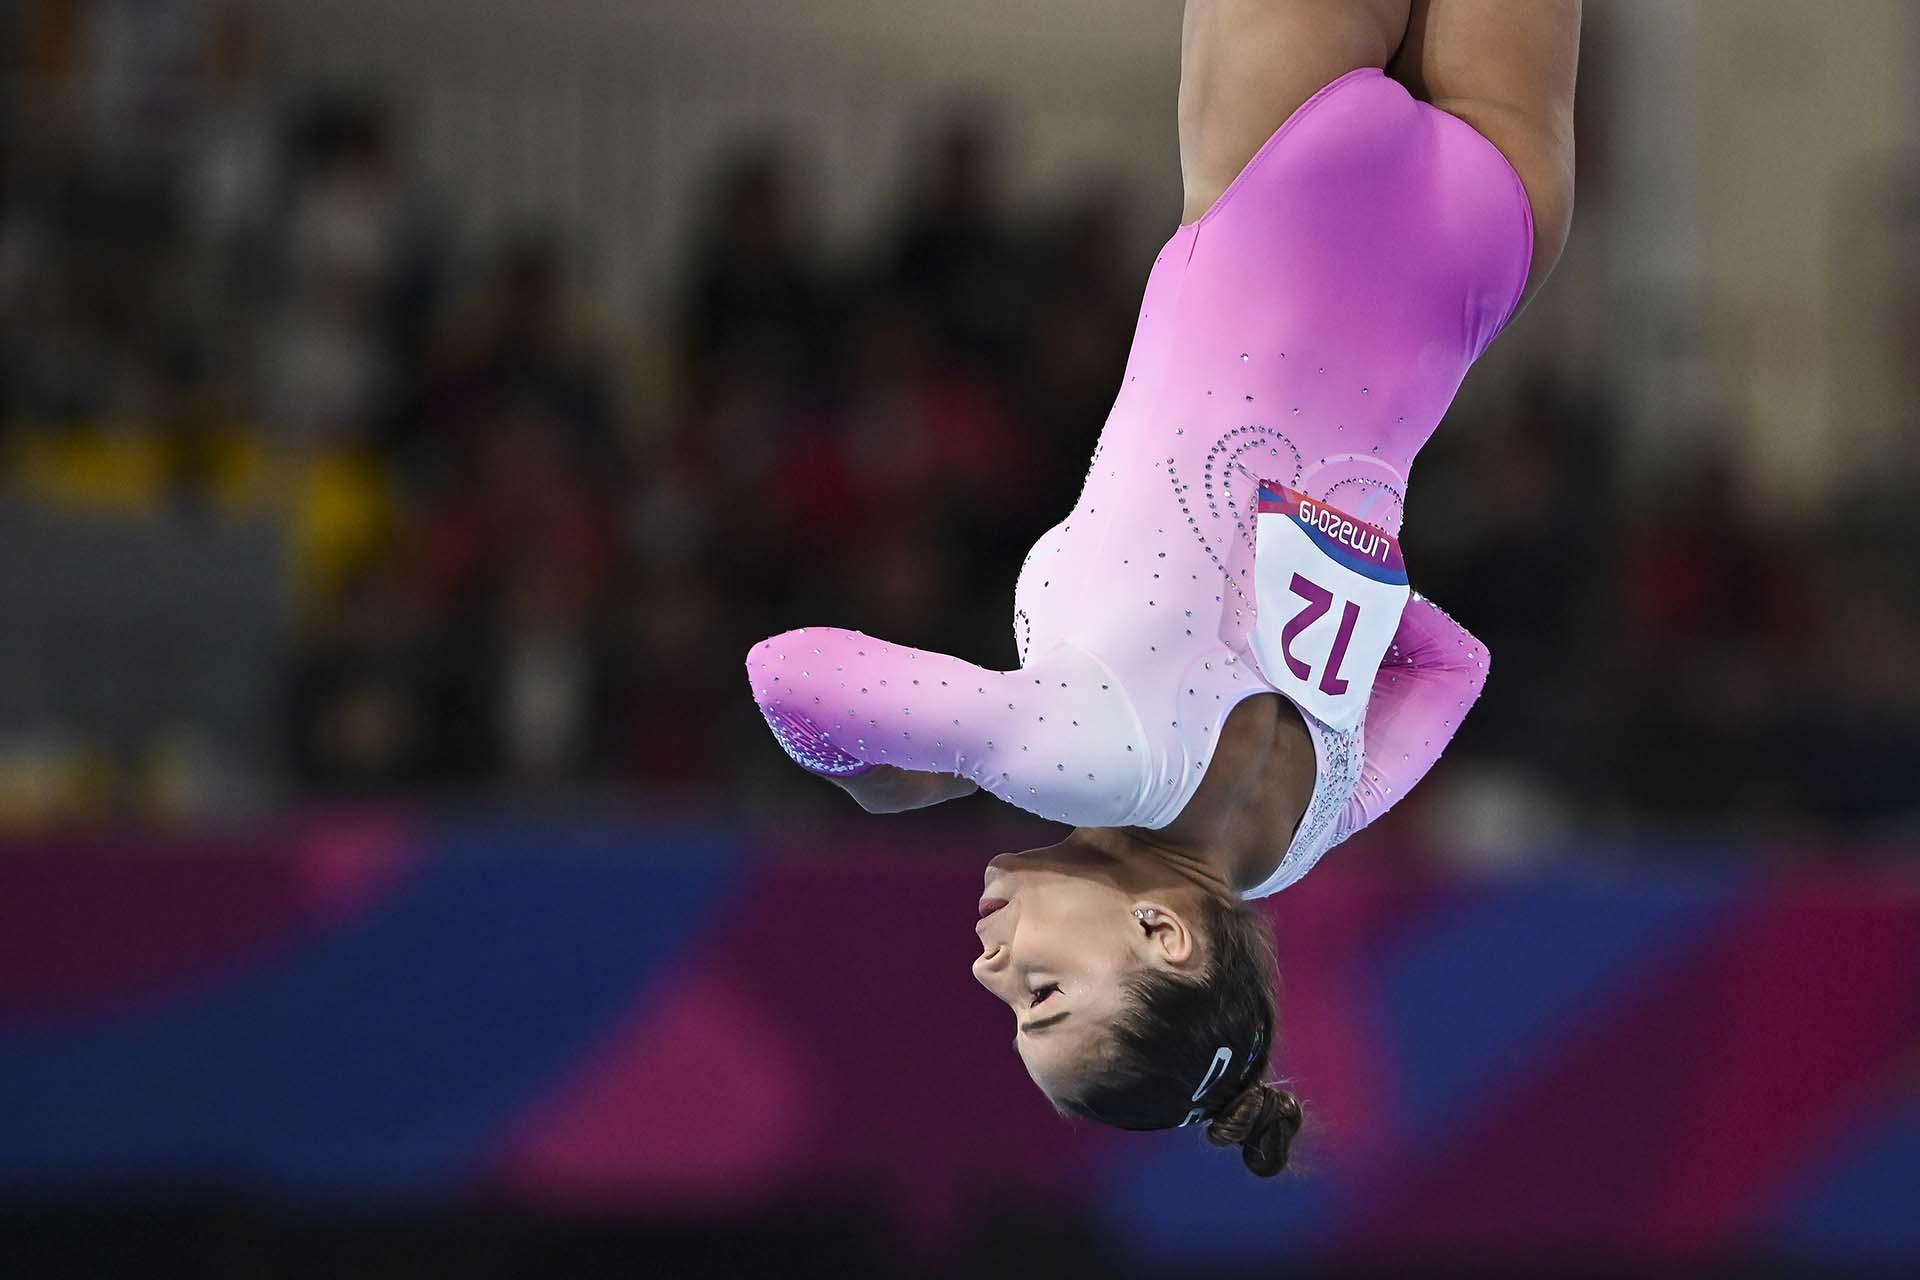 La brasiñena Flavia Saraivacompitiendo en gimnasia artística individual.(Photo by Luis ROBAYO / AFP)